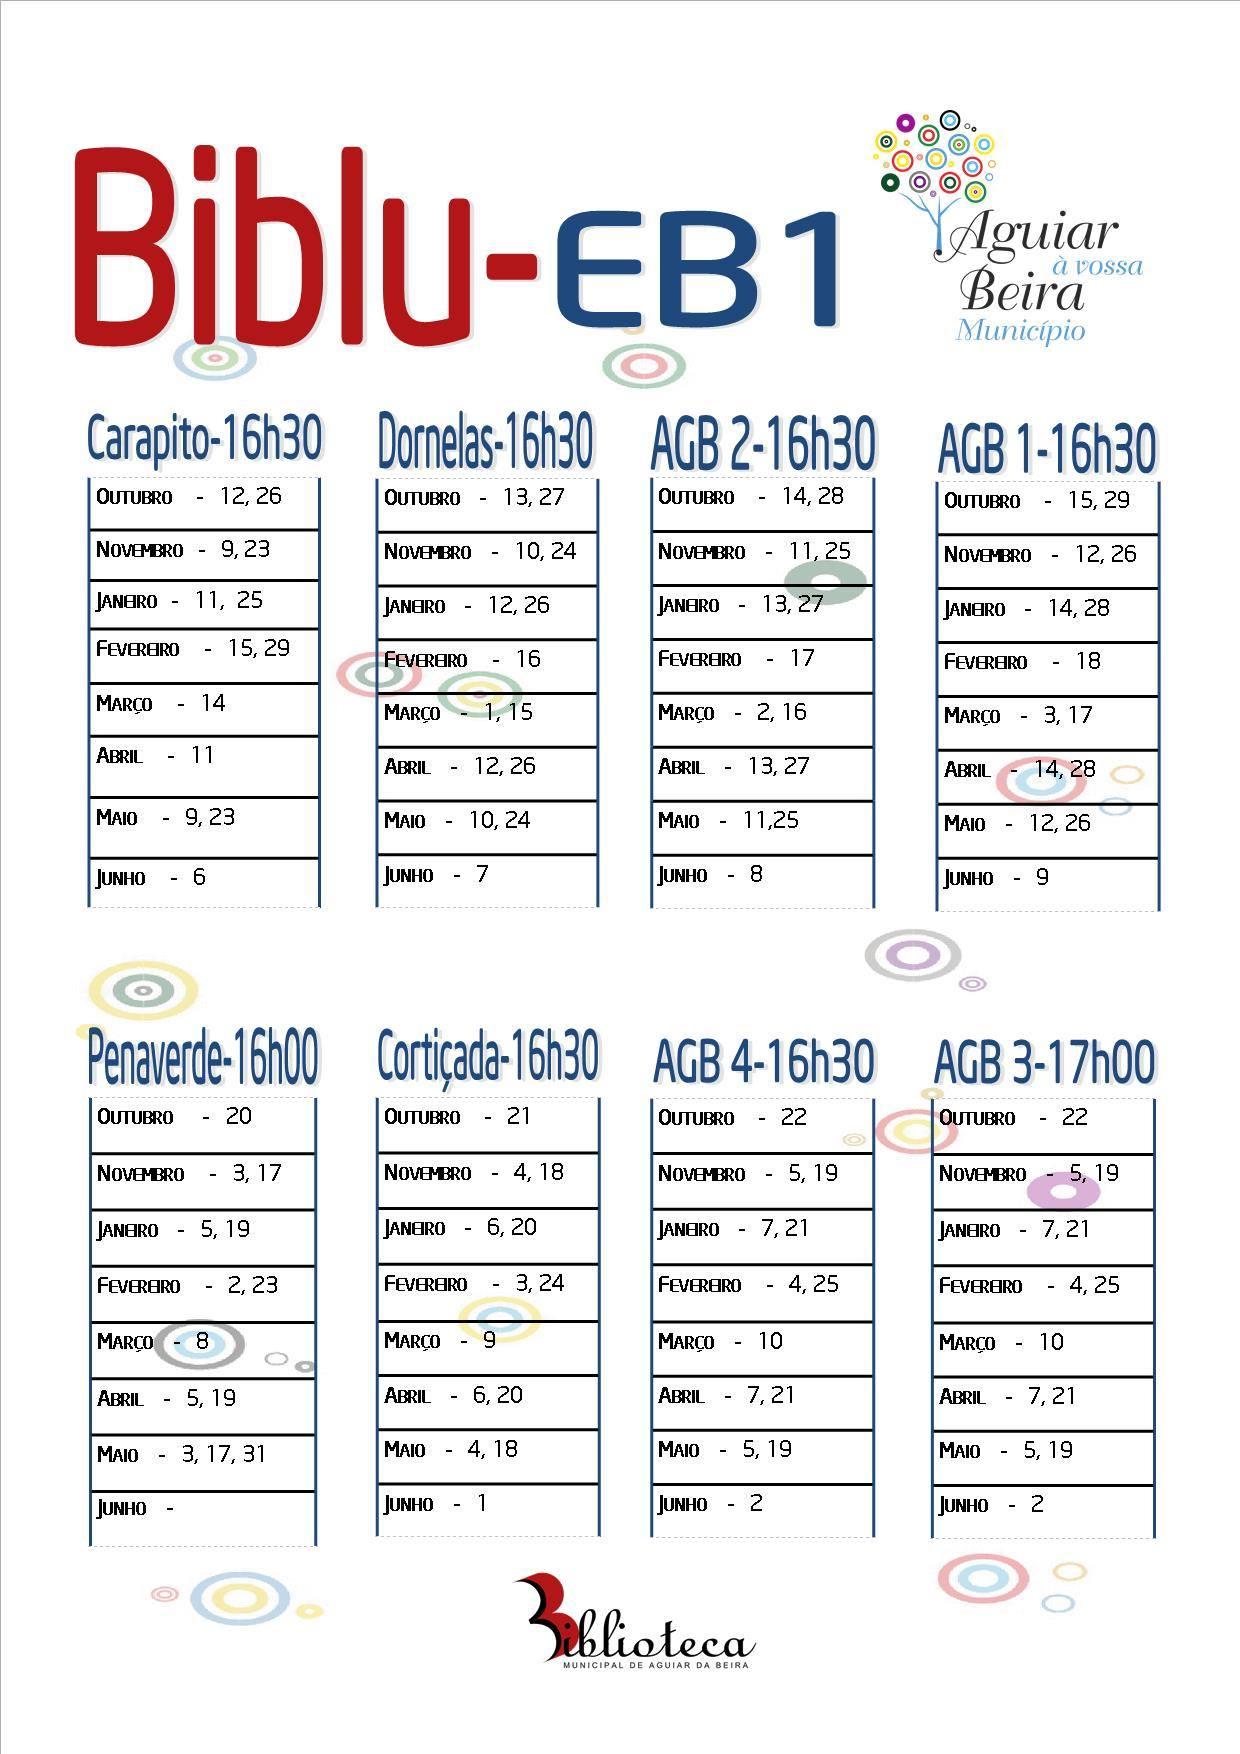 Biblu-EB1